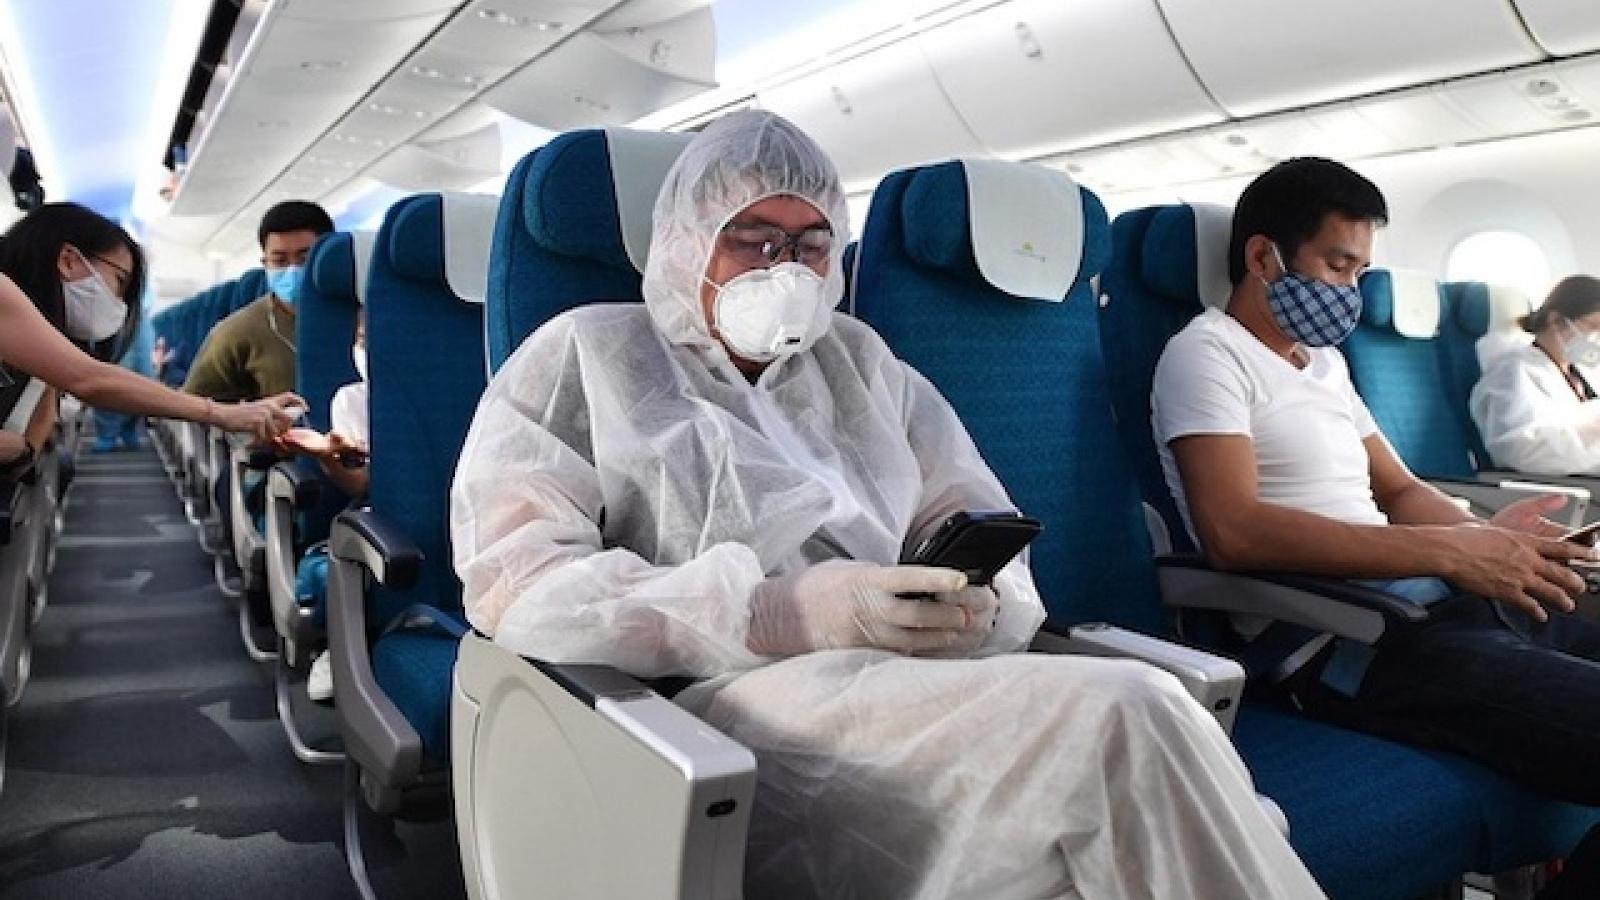 Kích hoạt các biện pháp phòng dịch Covid-19 với khách đi máy bay